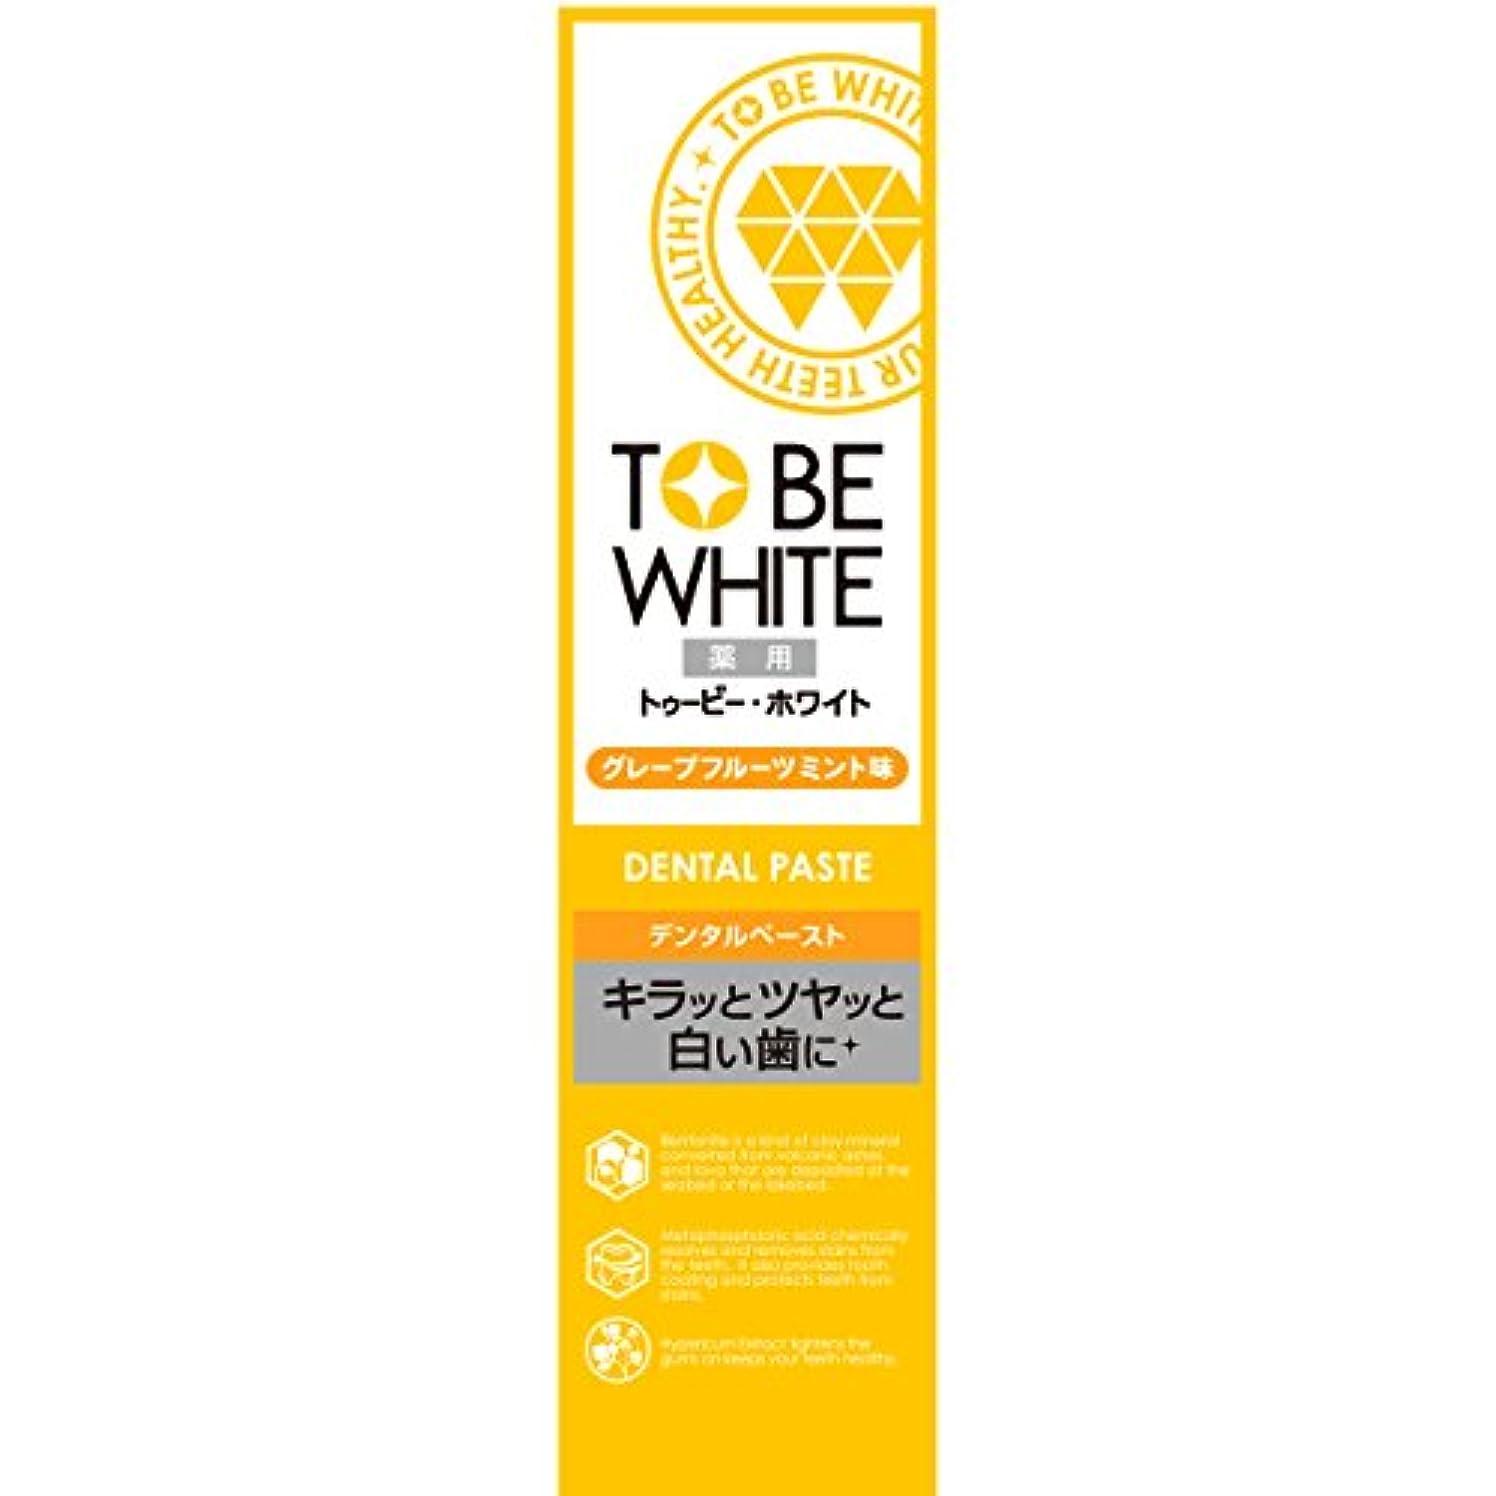 シャイニングフルーティー散逸トゥービー?ホワイト 薬用 ホワイトニング ハミガキ粉 グレープフルーツミント 味 60g 【医薬部外品】